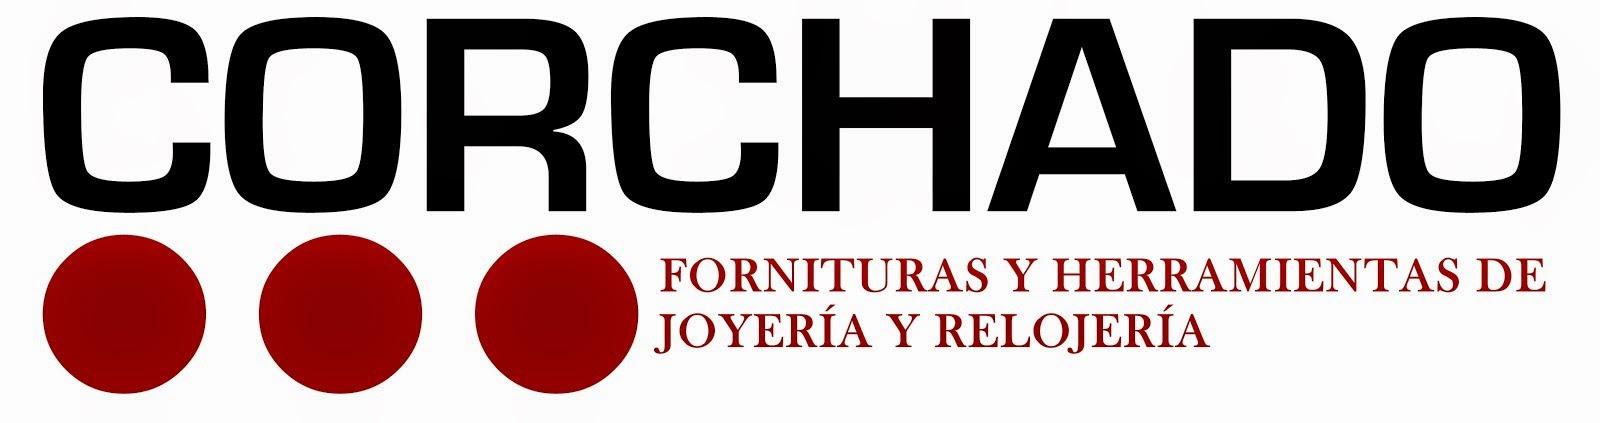 MAQUINARIA,HERRAMIENTAS Y FORNITURA PARA JOYERIA Y RELOJERIA.